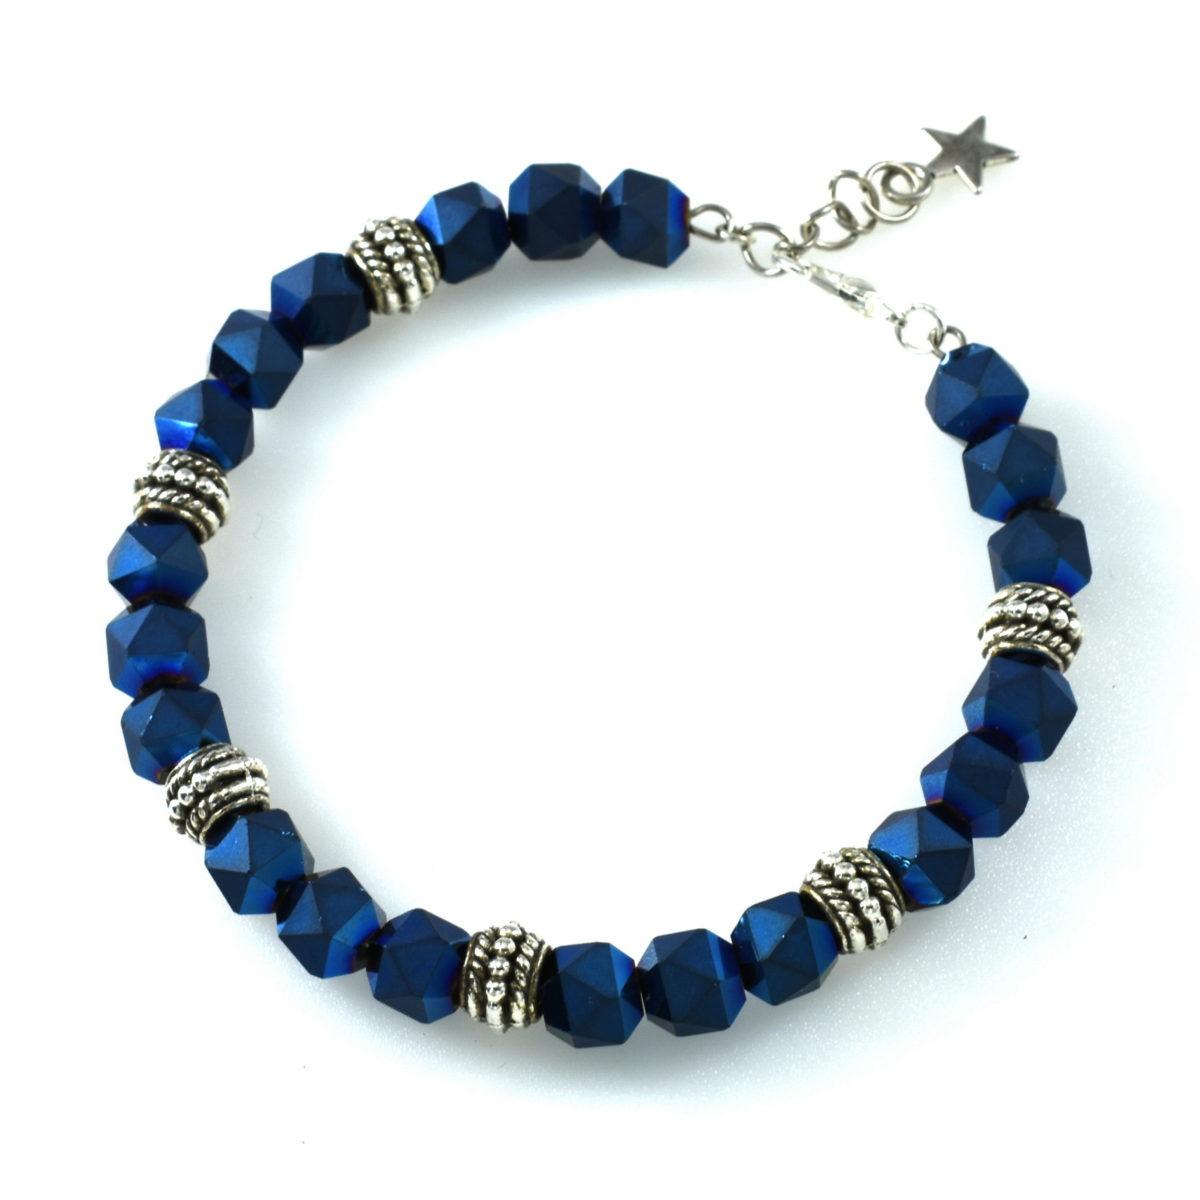 Женский браслет синего цвета на руку